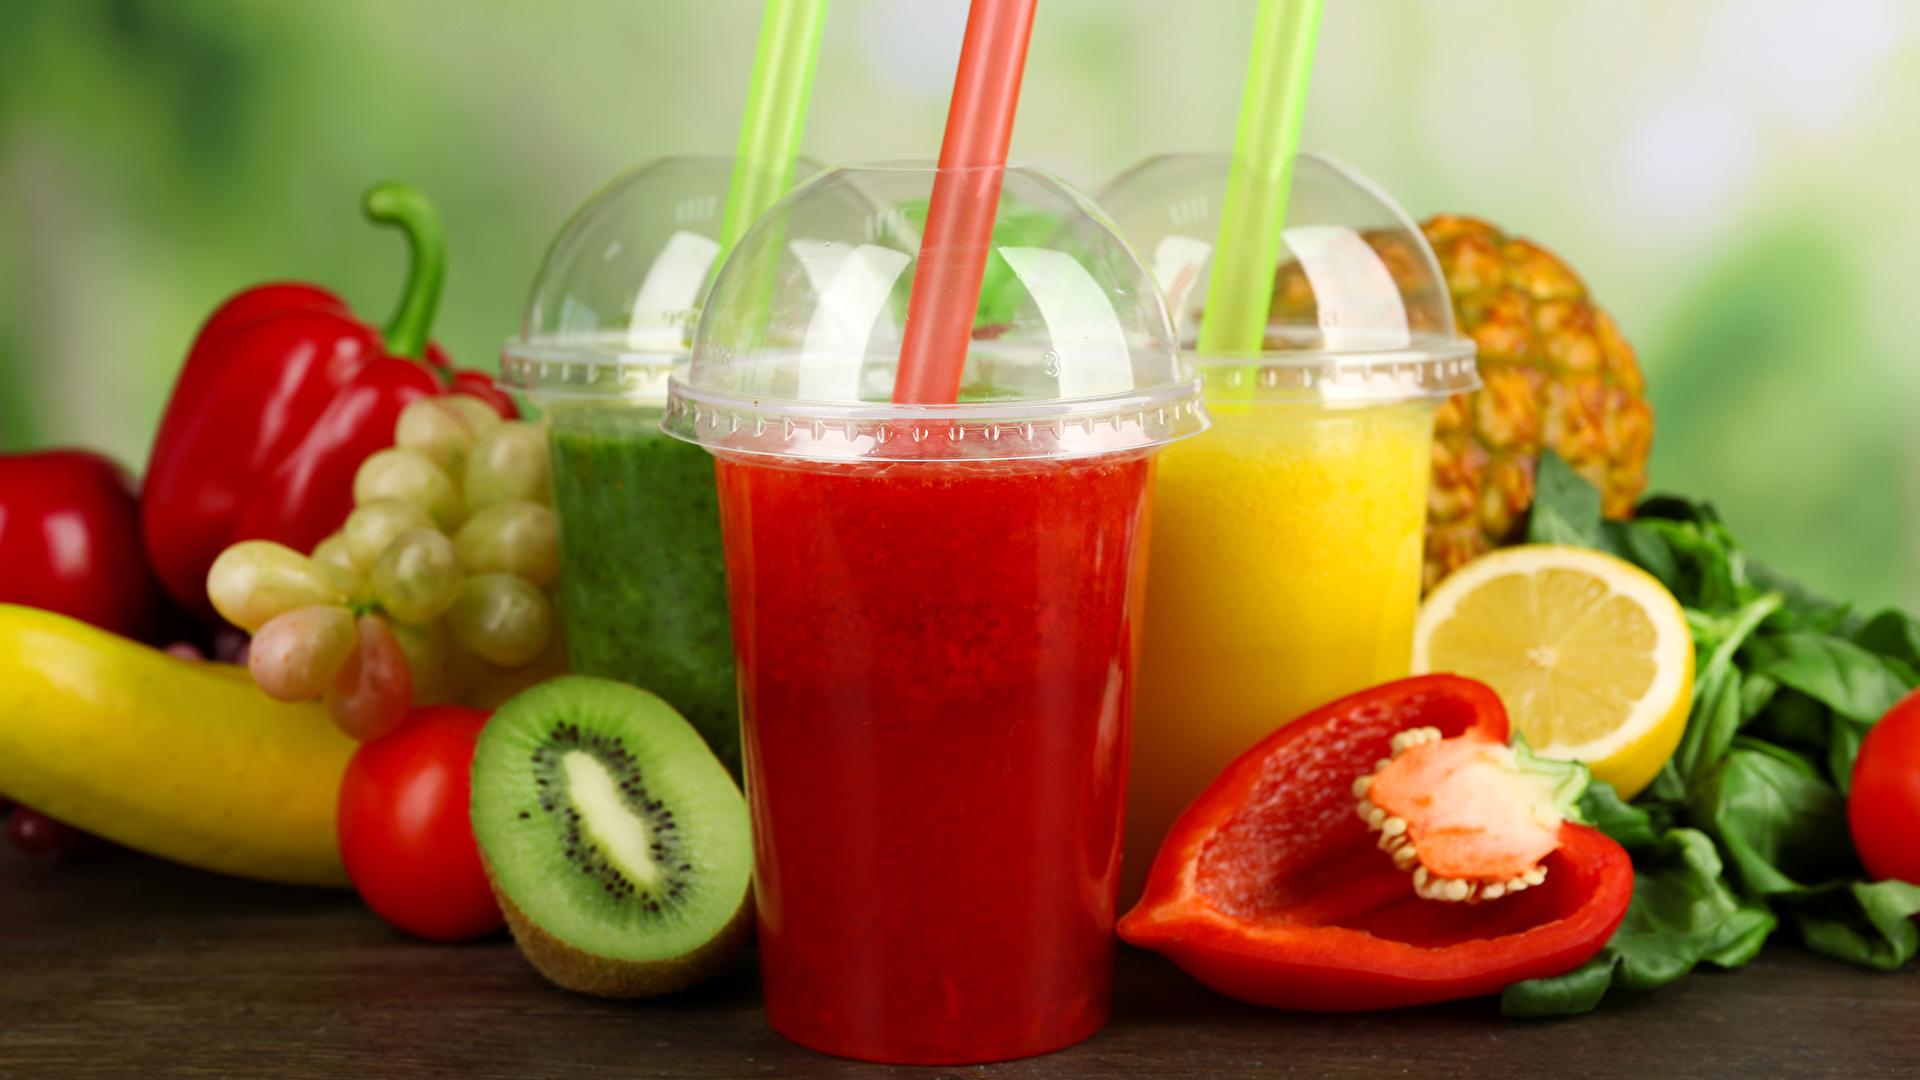 Фотография Сок стакане Еда Овощи Фрукты 1920x1080 Стакан стакана Пища Продукты питания